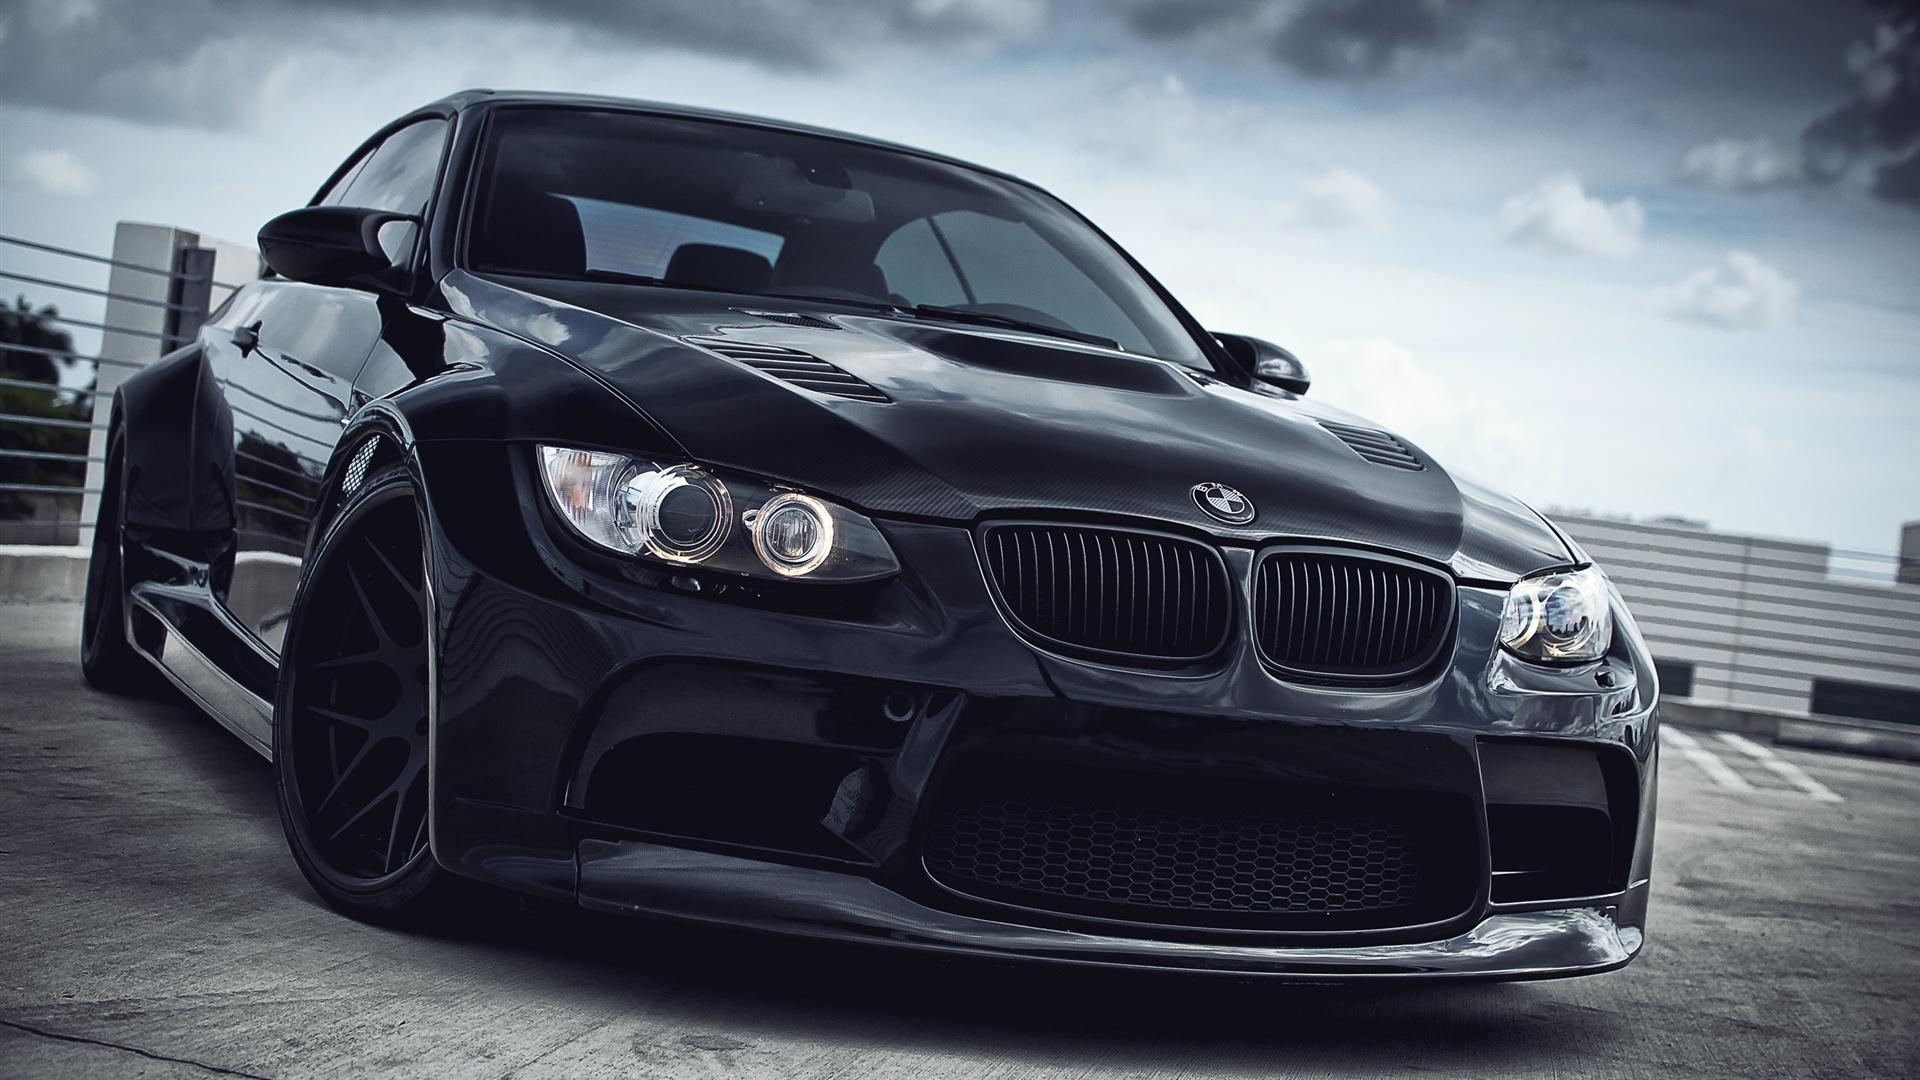 BMW M3 black car Wallpaper | 1920x1080 Full HD resolution ...